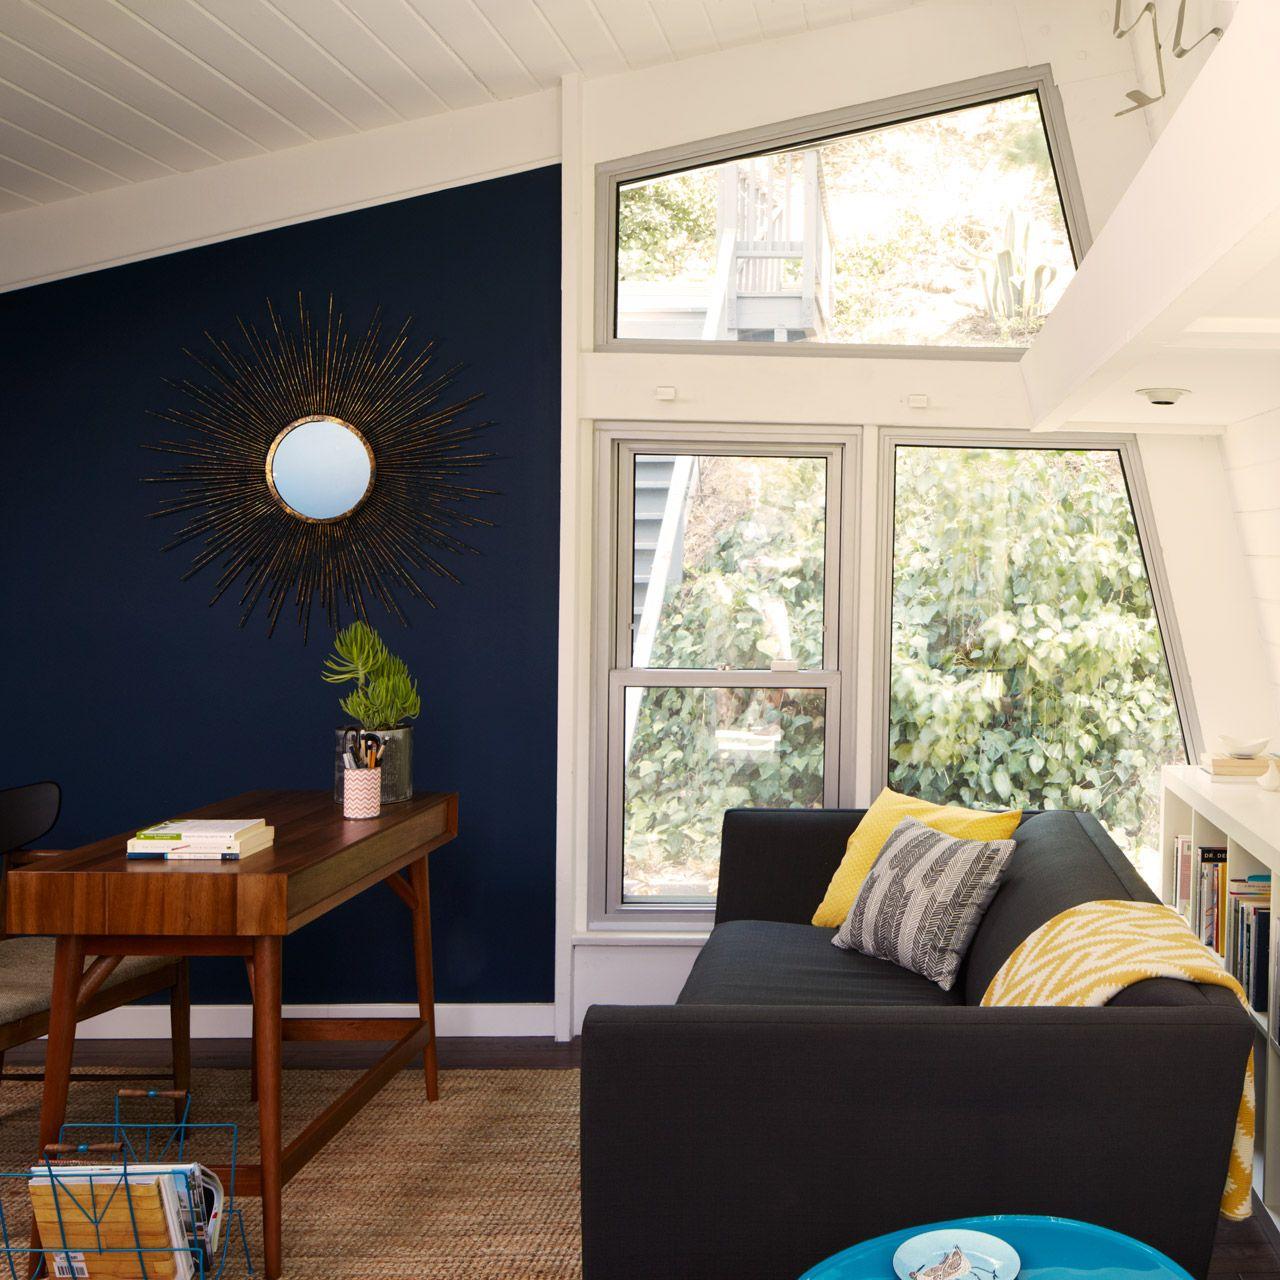 Dunn Edwards Paints Paint Color Walls Mission White: Dunn-Edwards Paints Paint Colors: Walls: Deep Reservoir